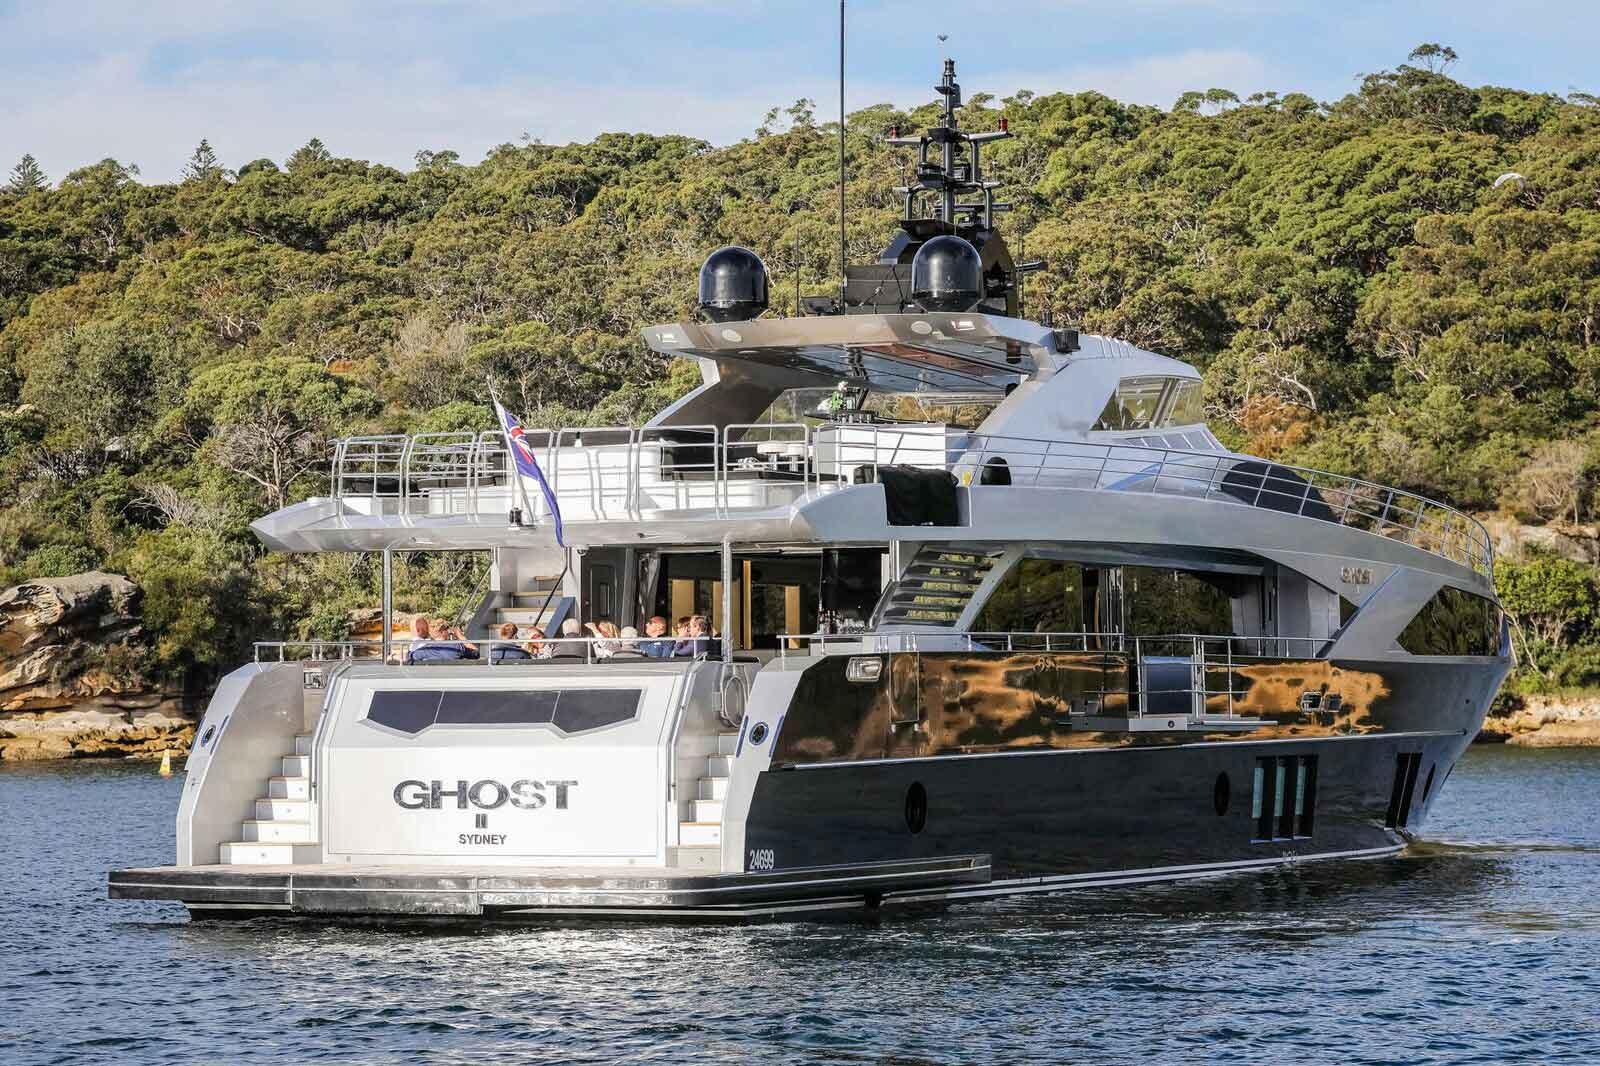 ghost 2 boat sydneyjpg.jpg